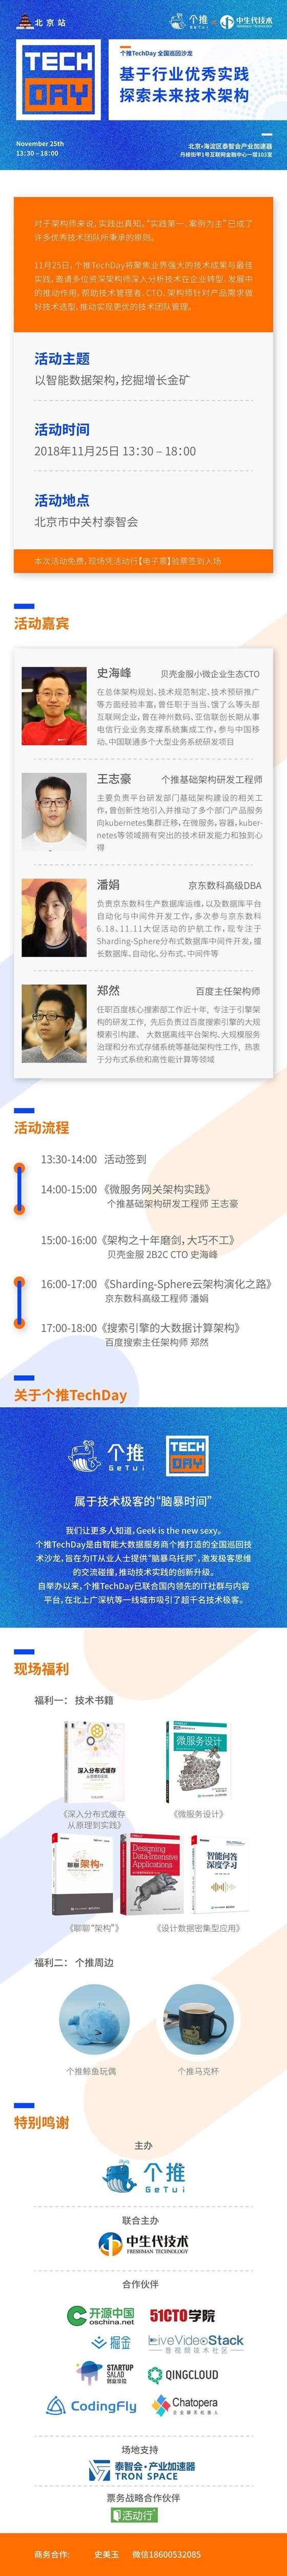 20181109个推TechDay线上详情长图-北京站-1123.jpg